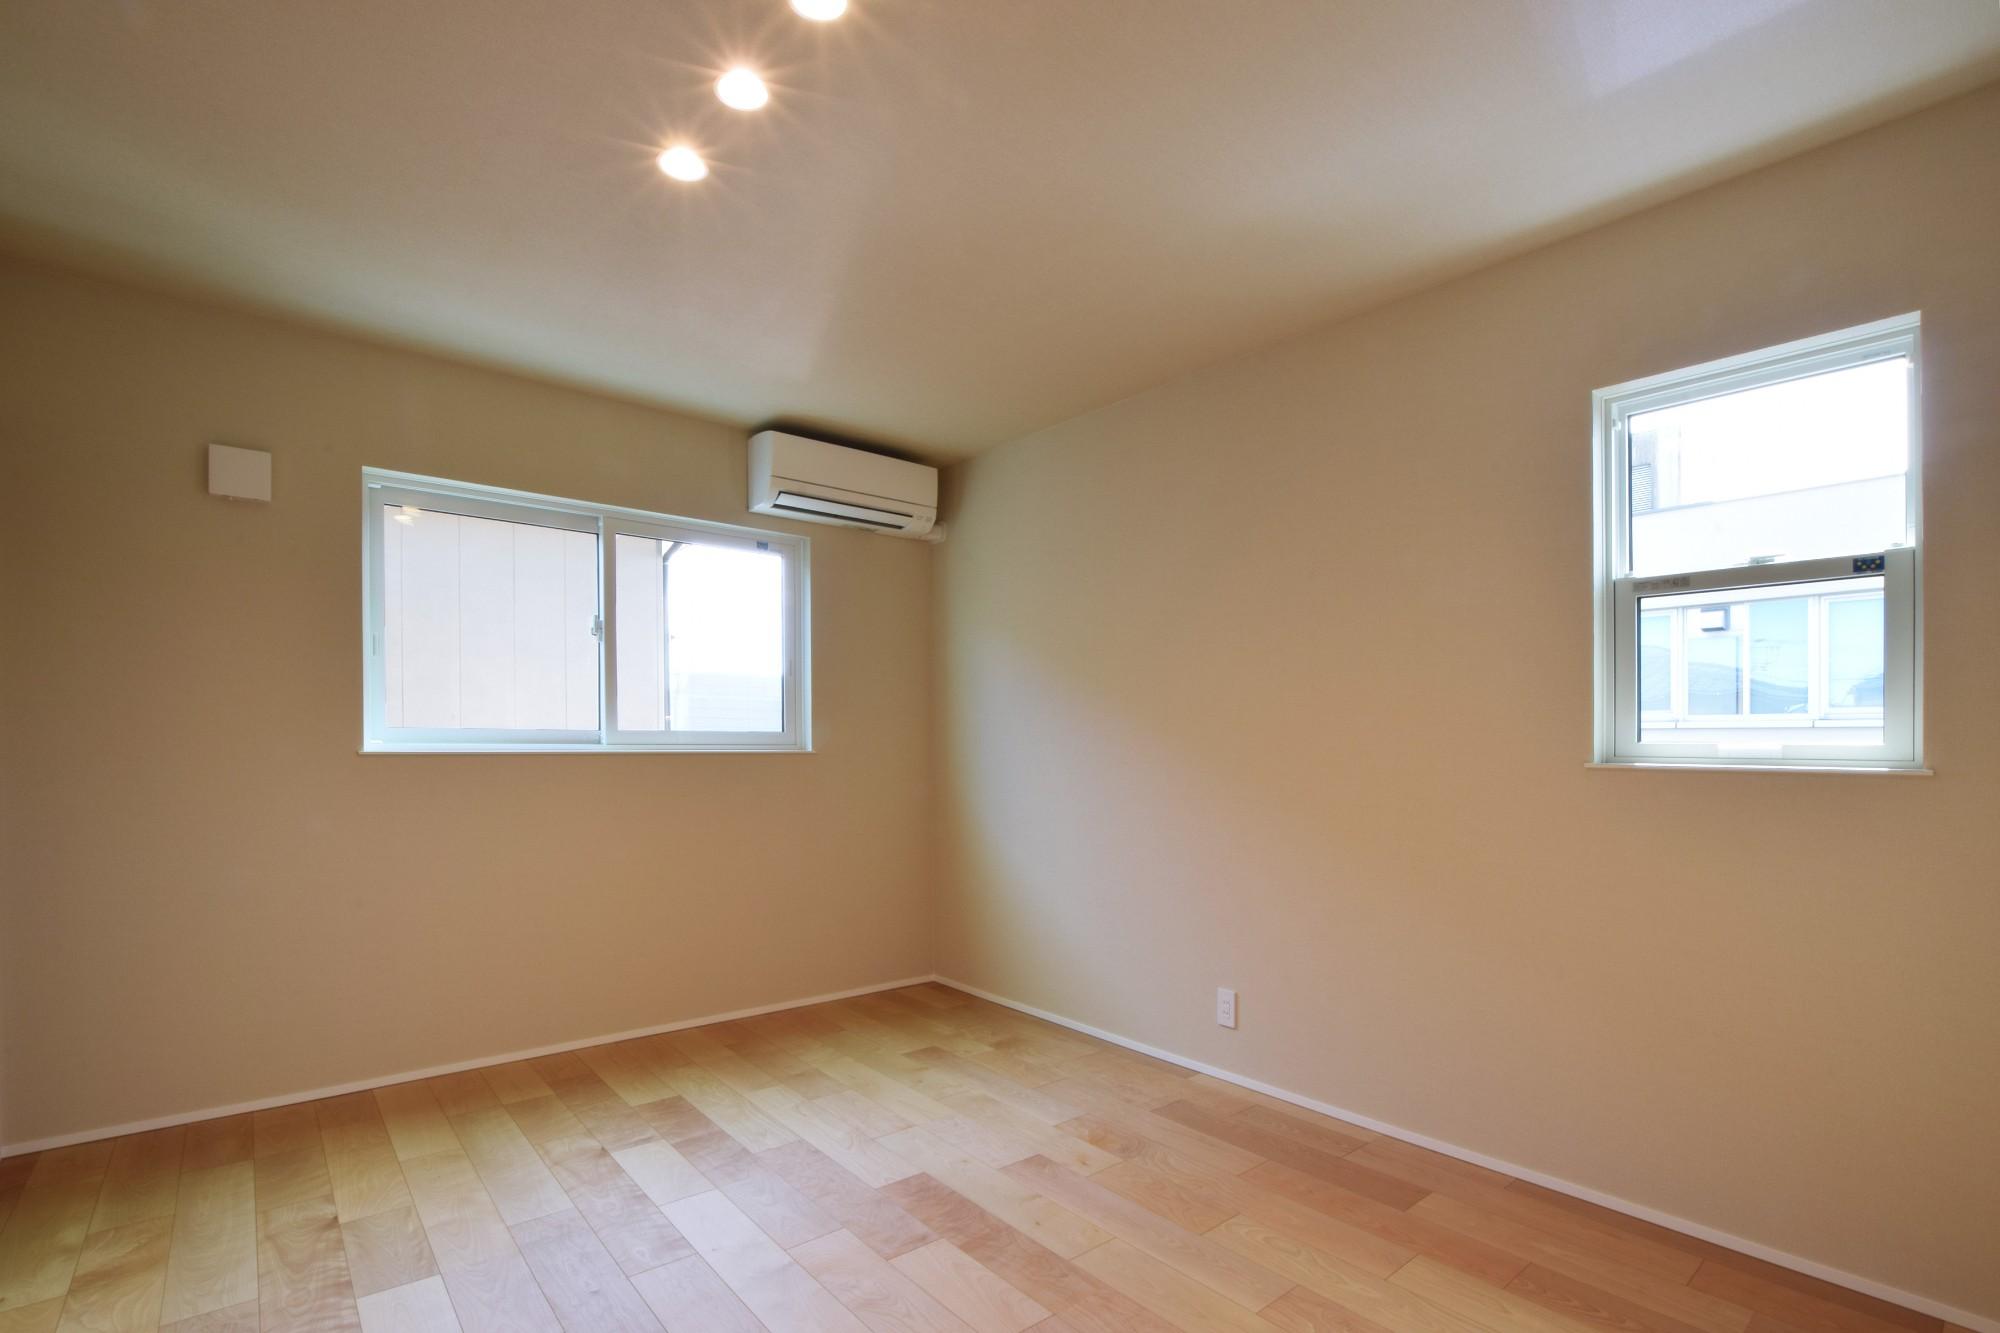 DETAIL HOME(ディテールホーム)「ナチュラルに、カジュアルに、カジラクに」のシンプル・ナチュラルな居室の実例写真